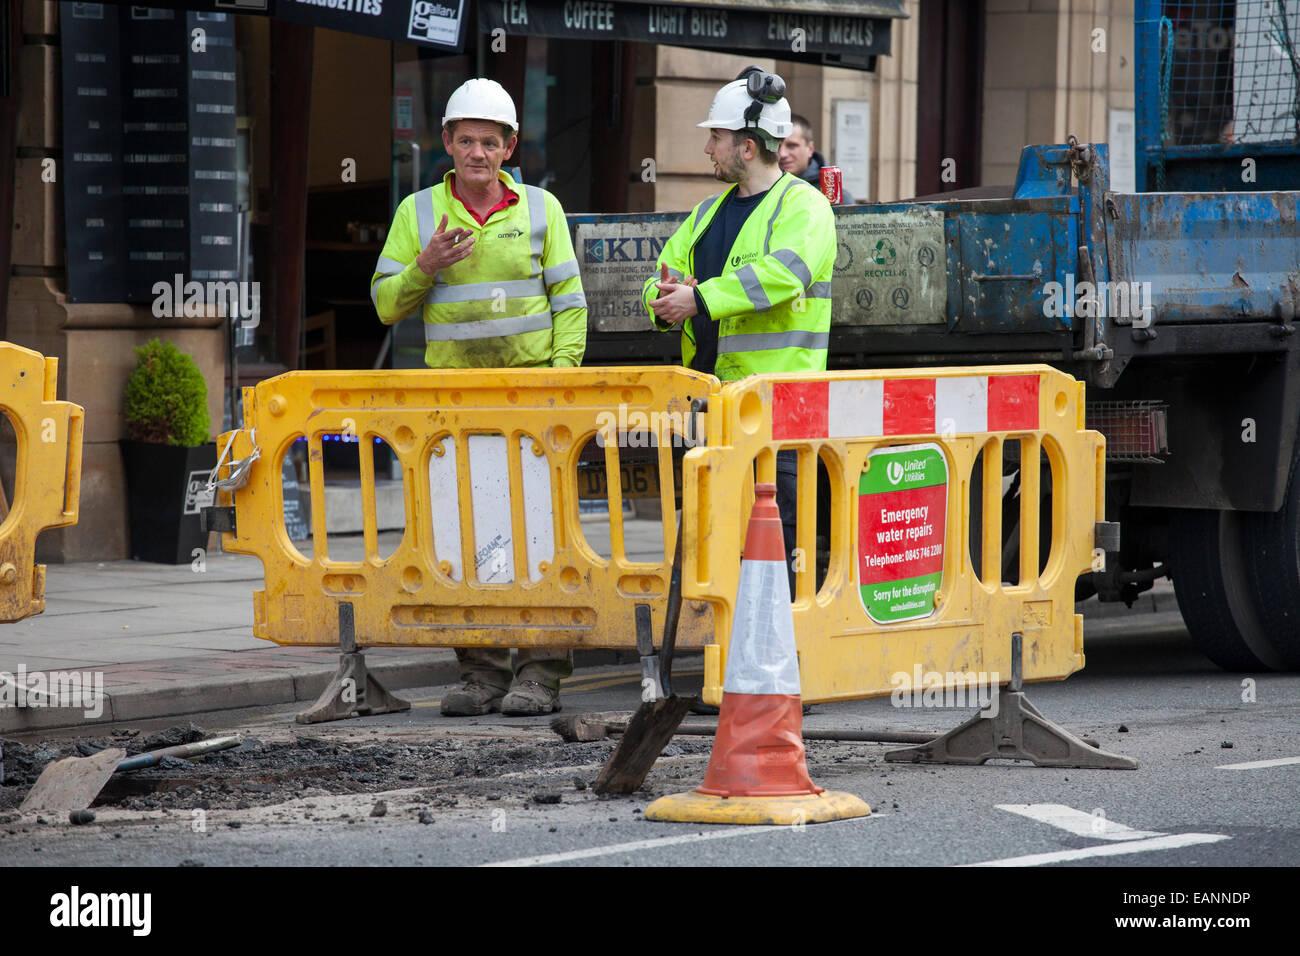 Roadworks le riparazioni stradali resurface resurfacing asfalto asfalto catrame di asfaltatura di strade strada Immagini Stock